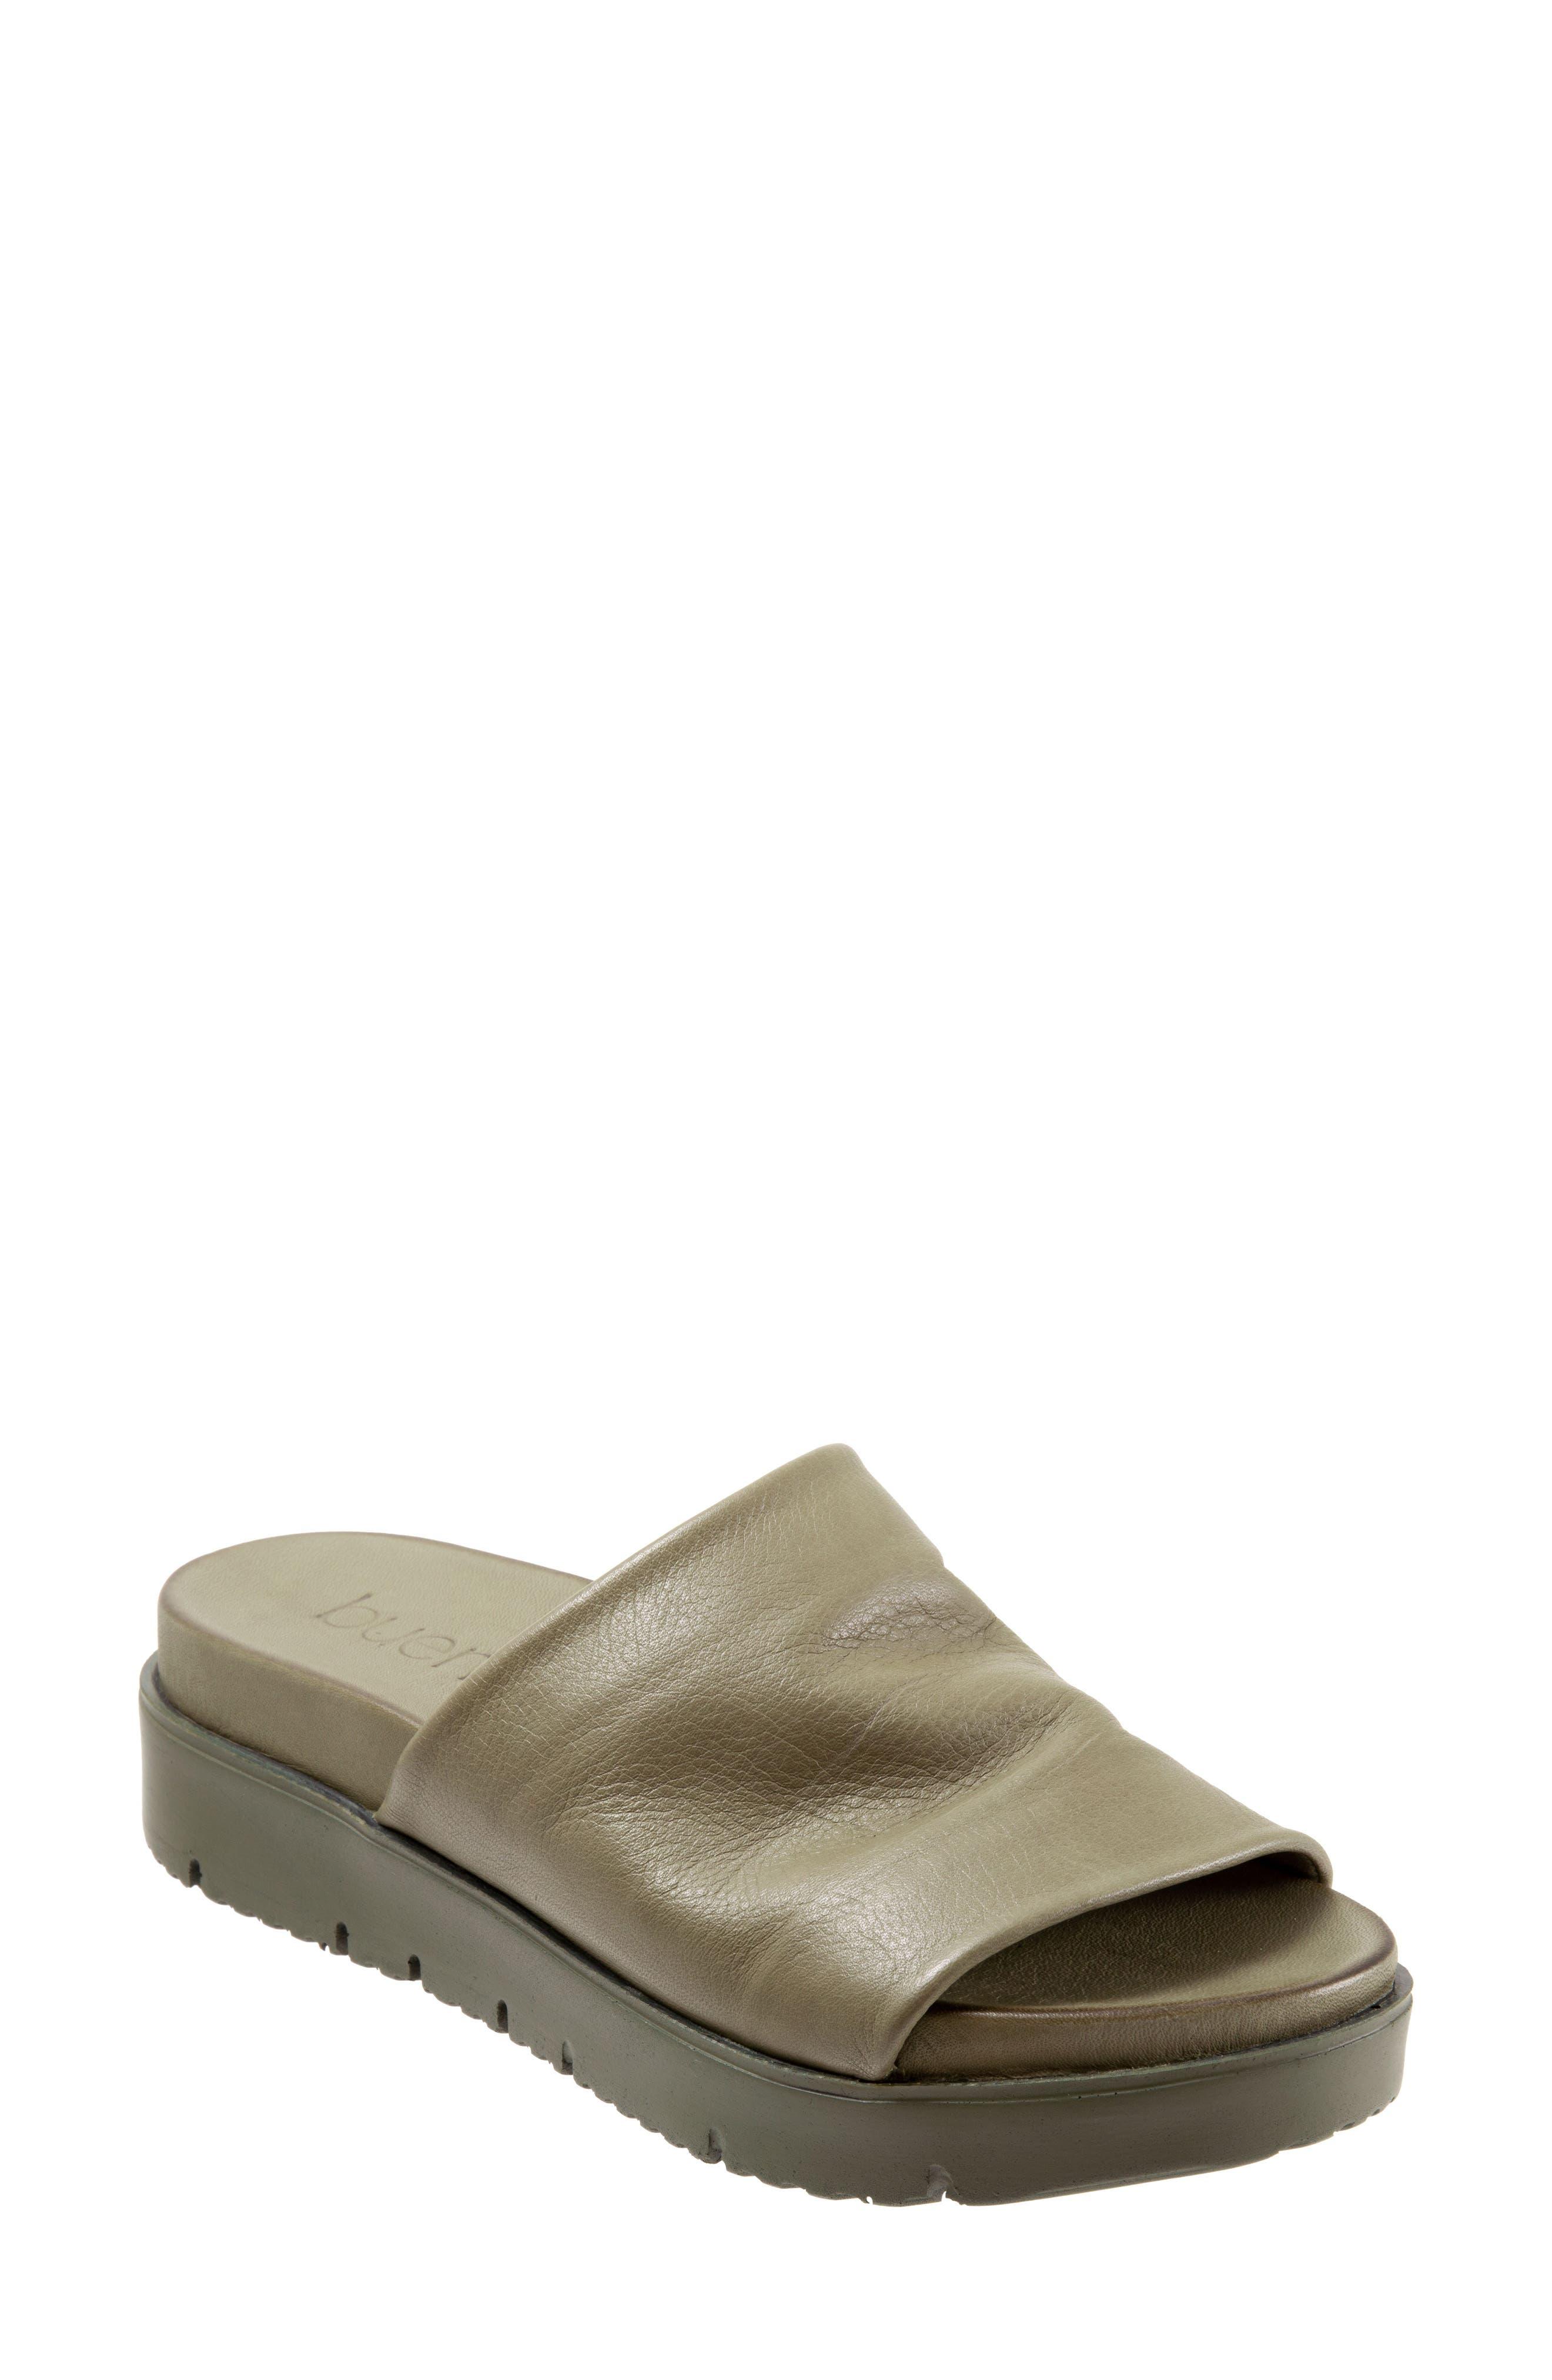 Splash Slide Sandal